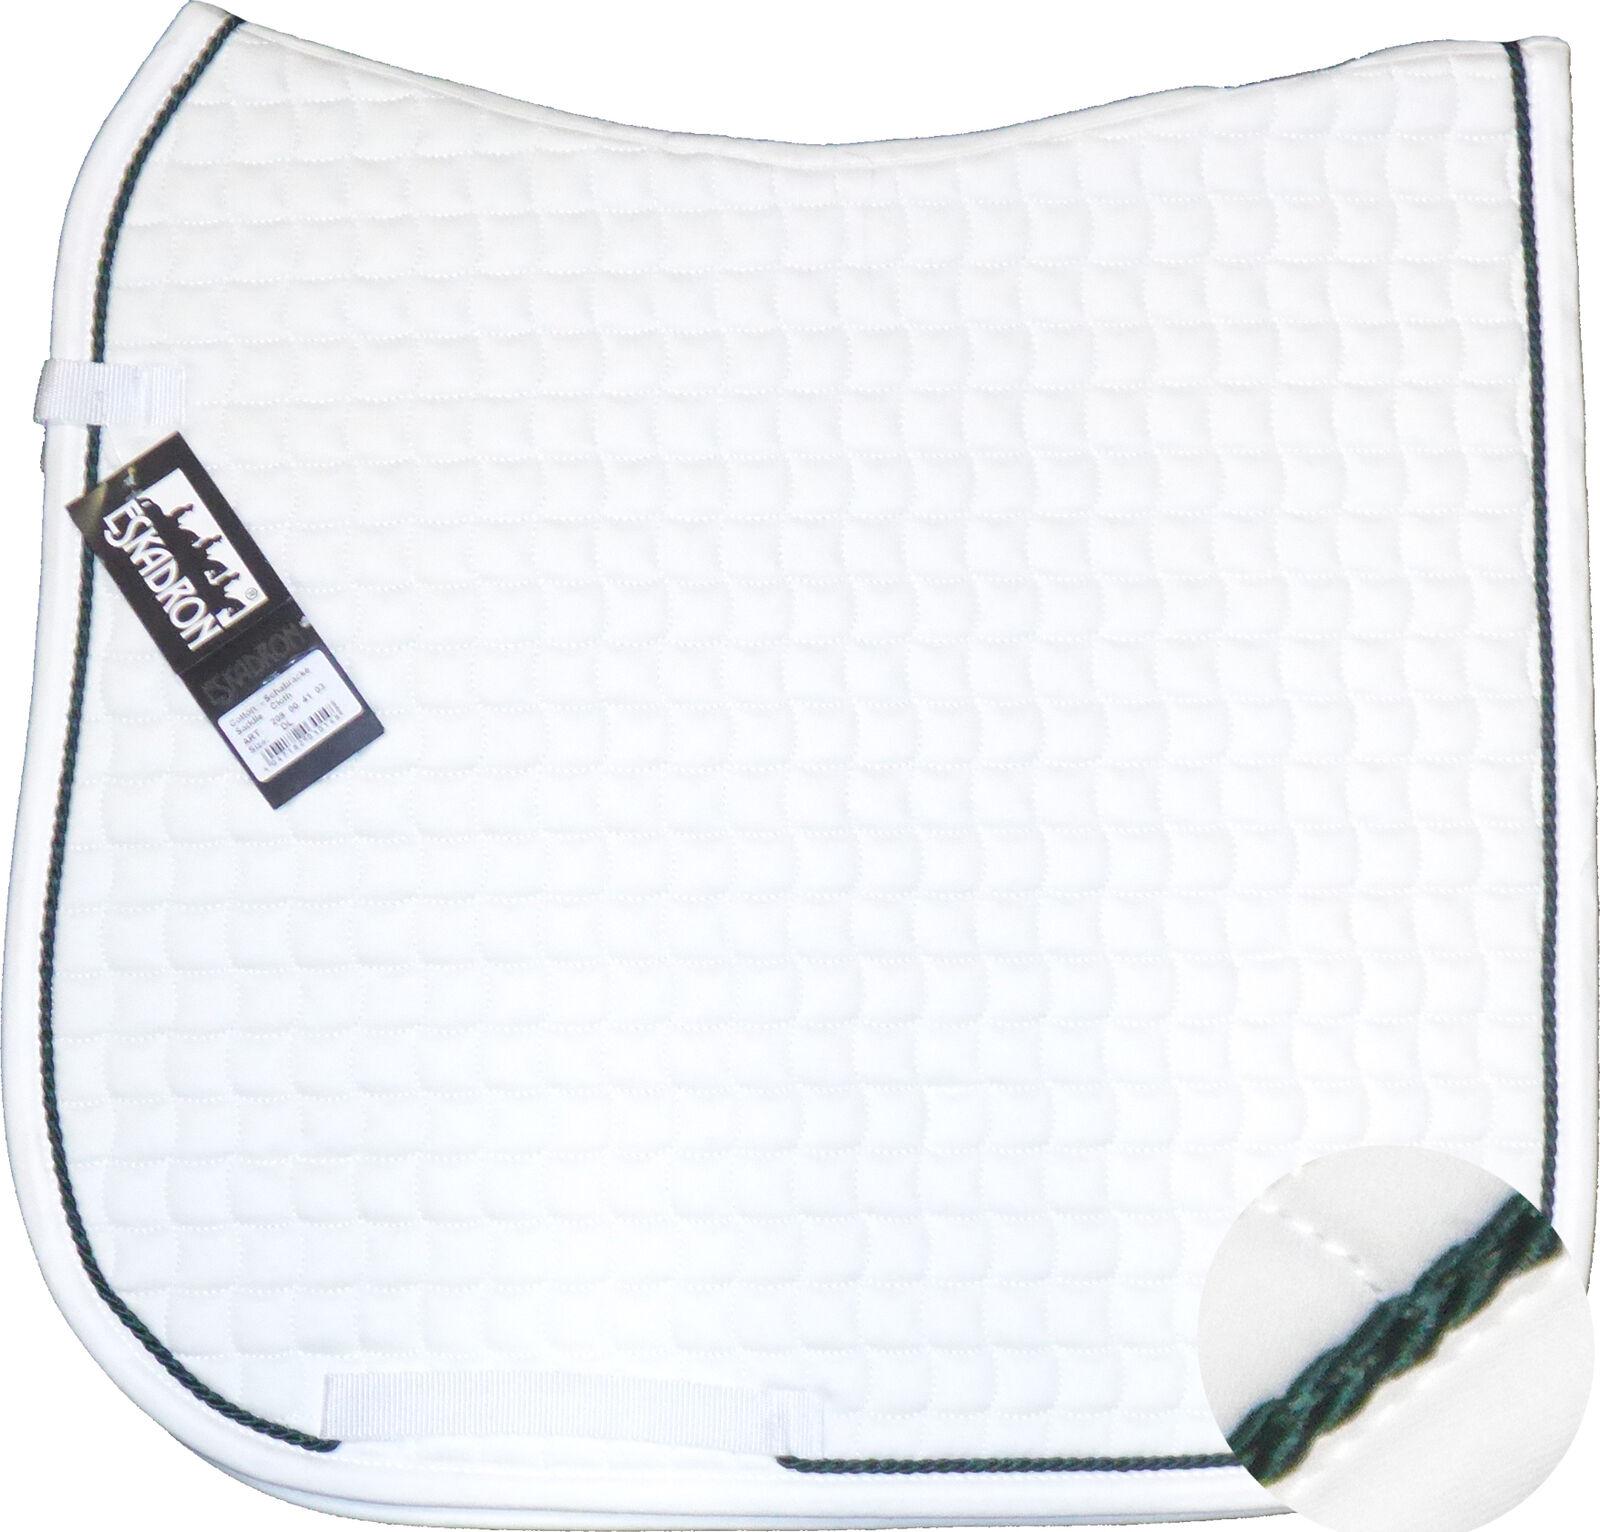 ESKADRON Cotton Schabracke Weiß einer Kordel in tanne tanne tanne 8459ce